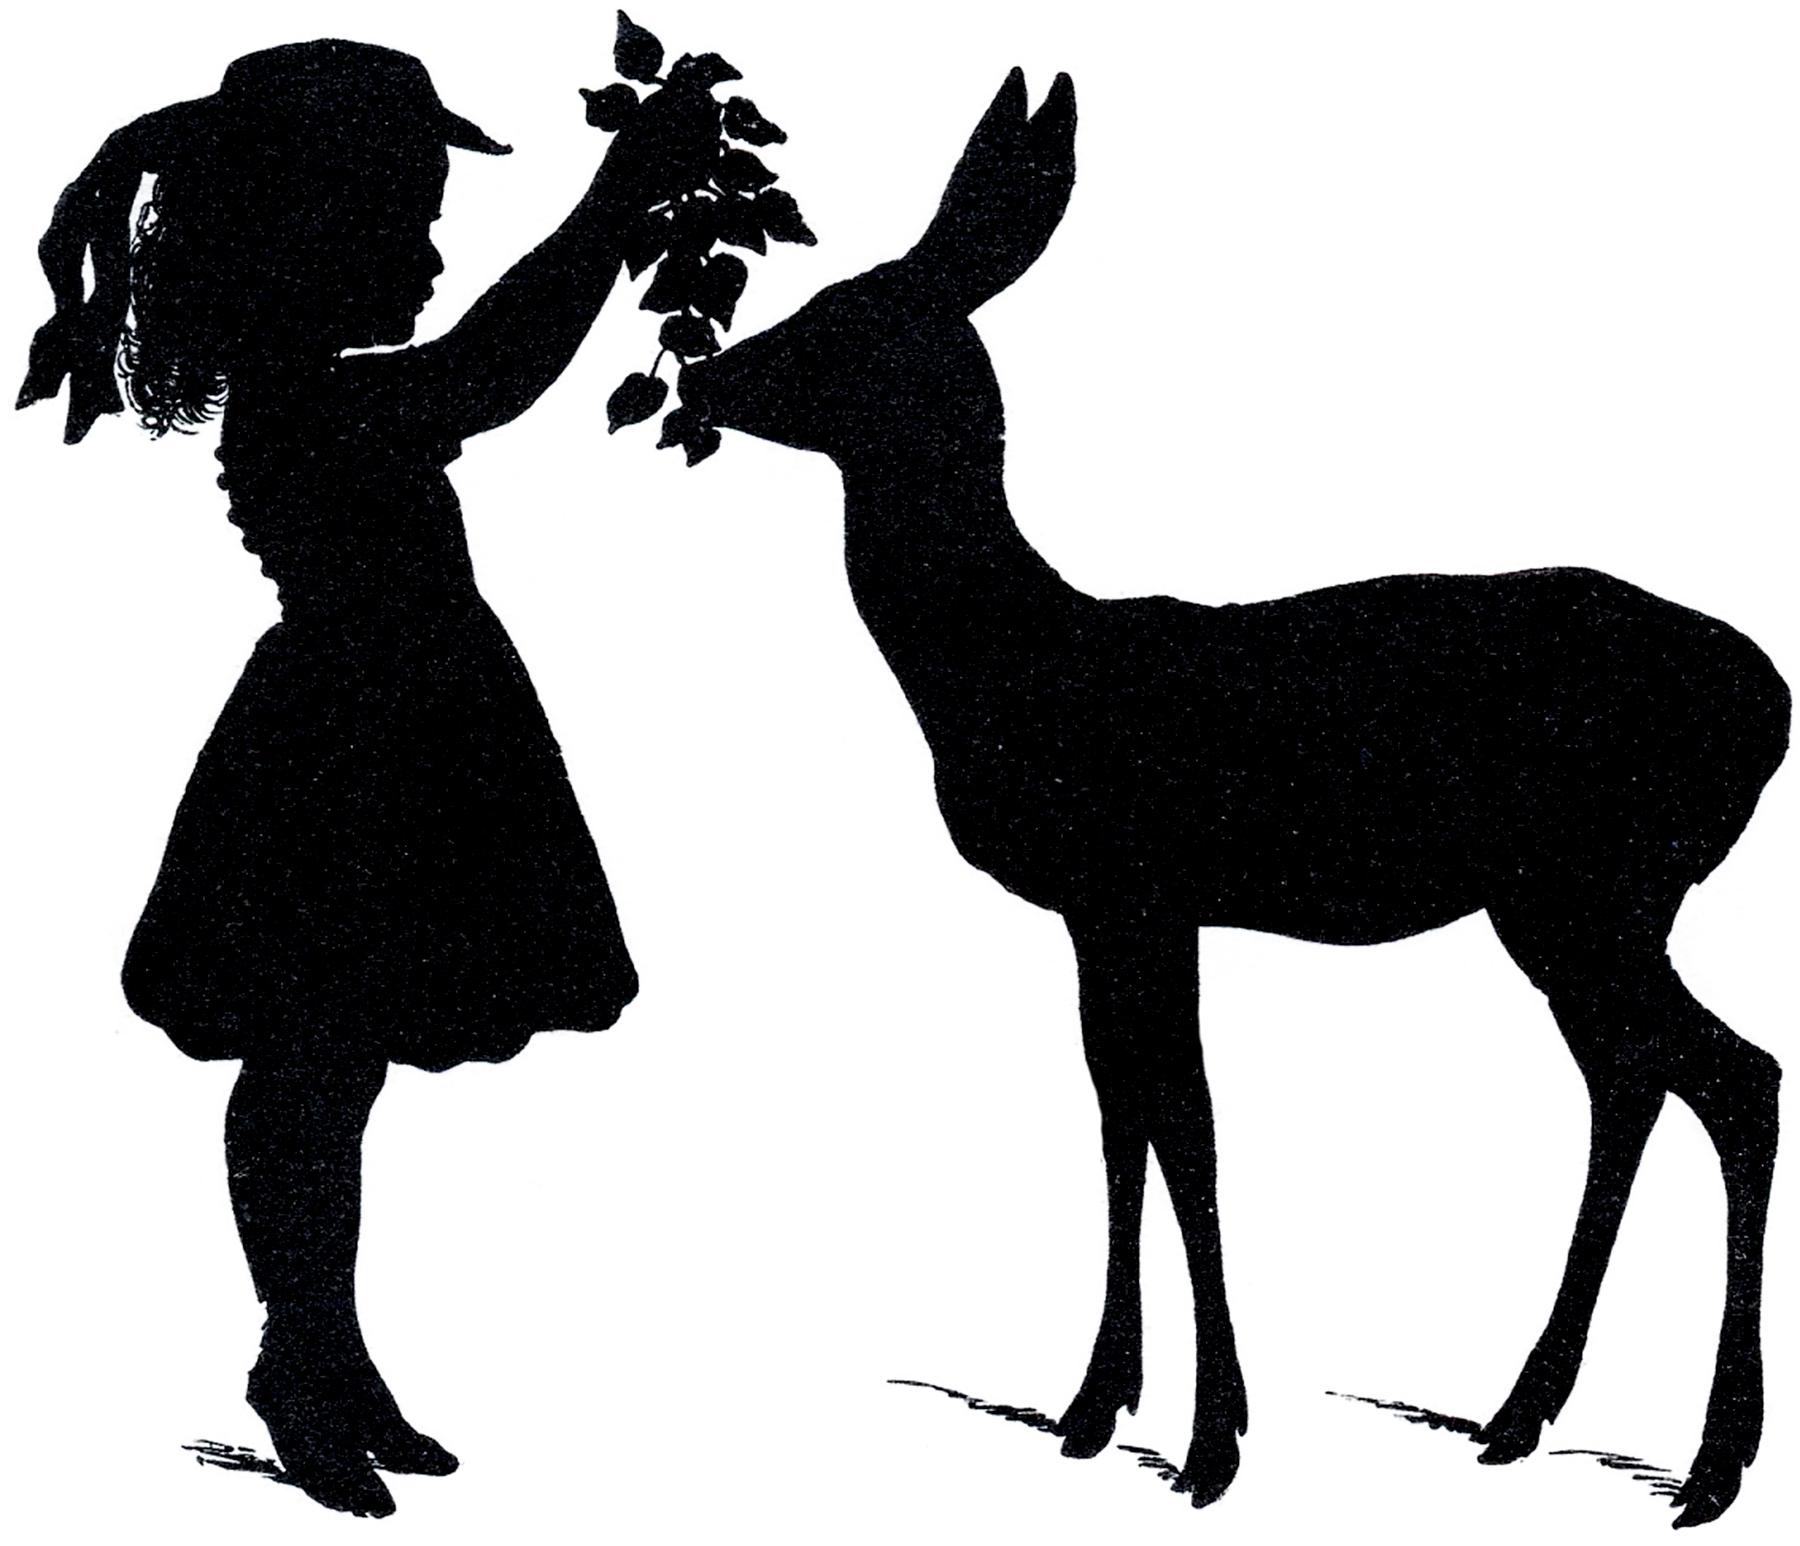 1800x1546 Free Deer Silhouette Vectors